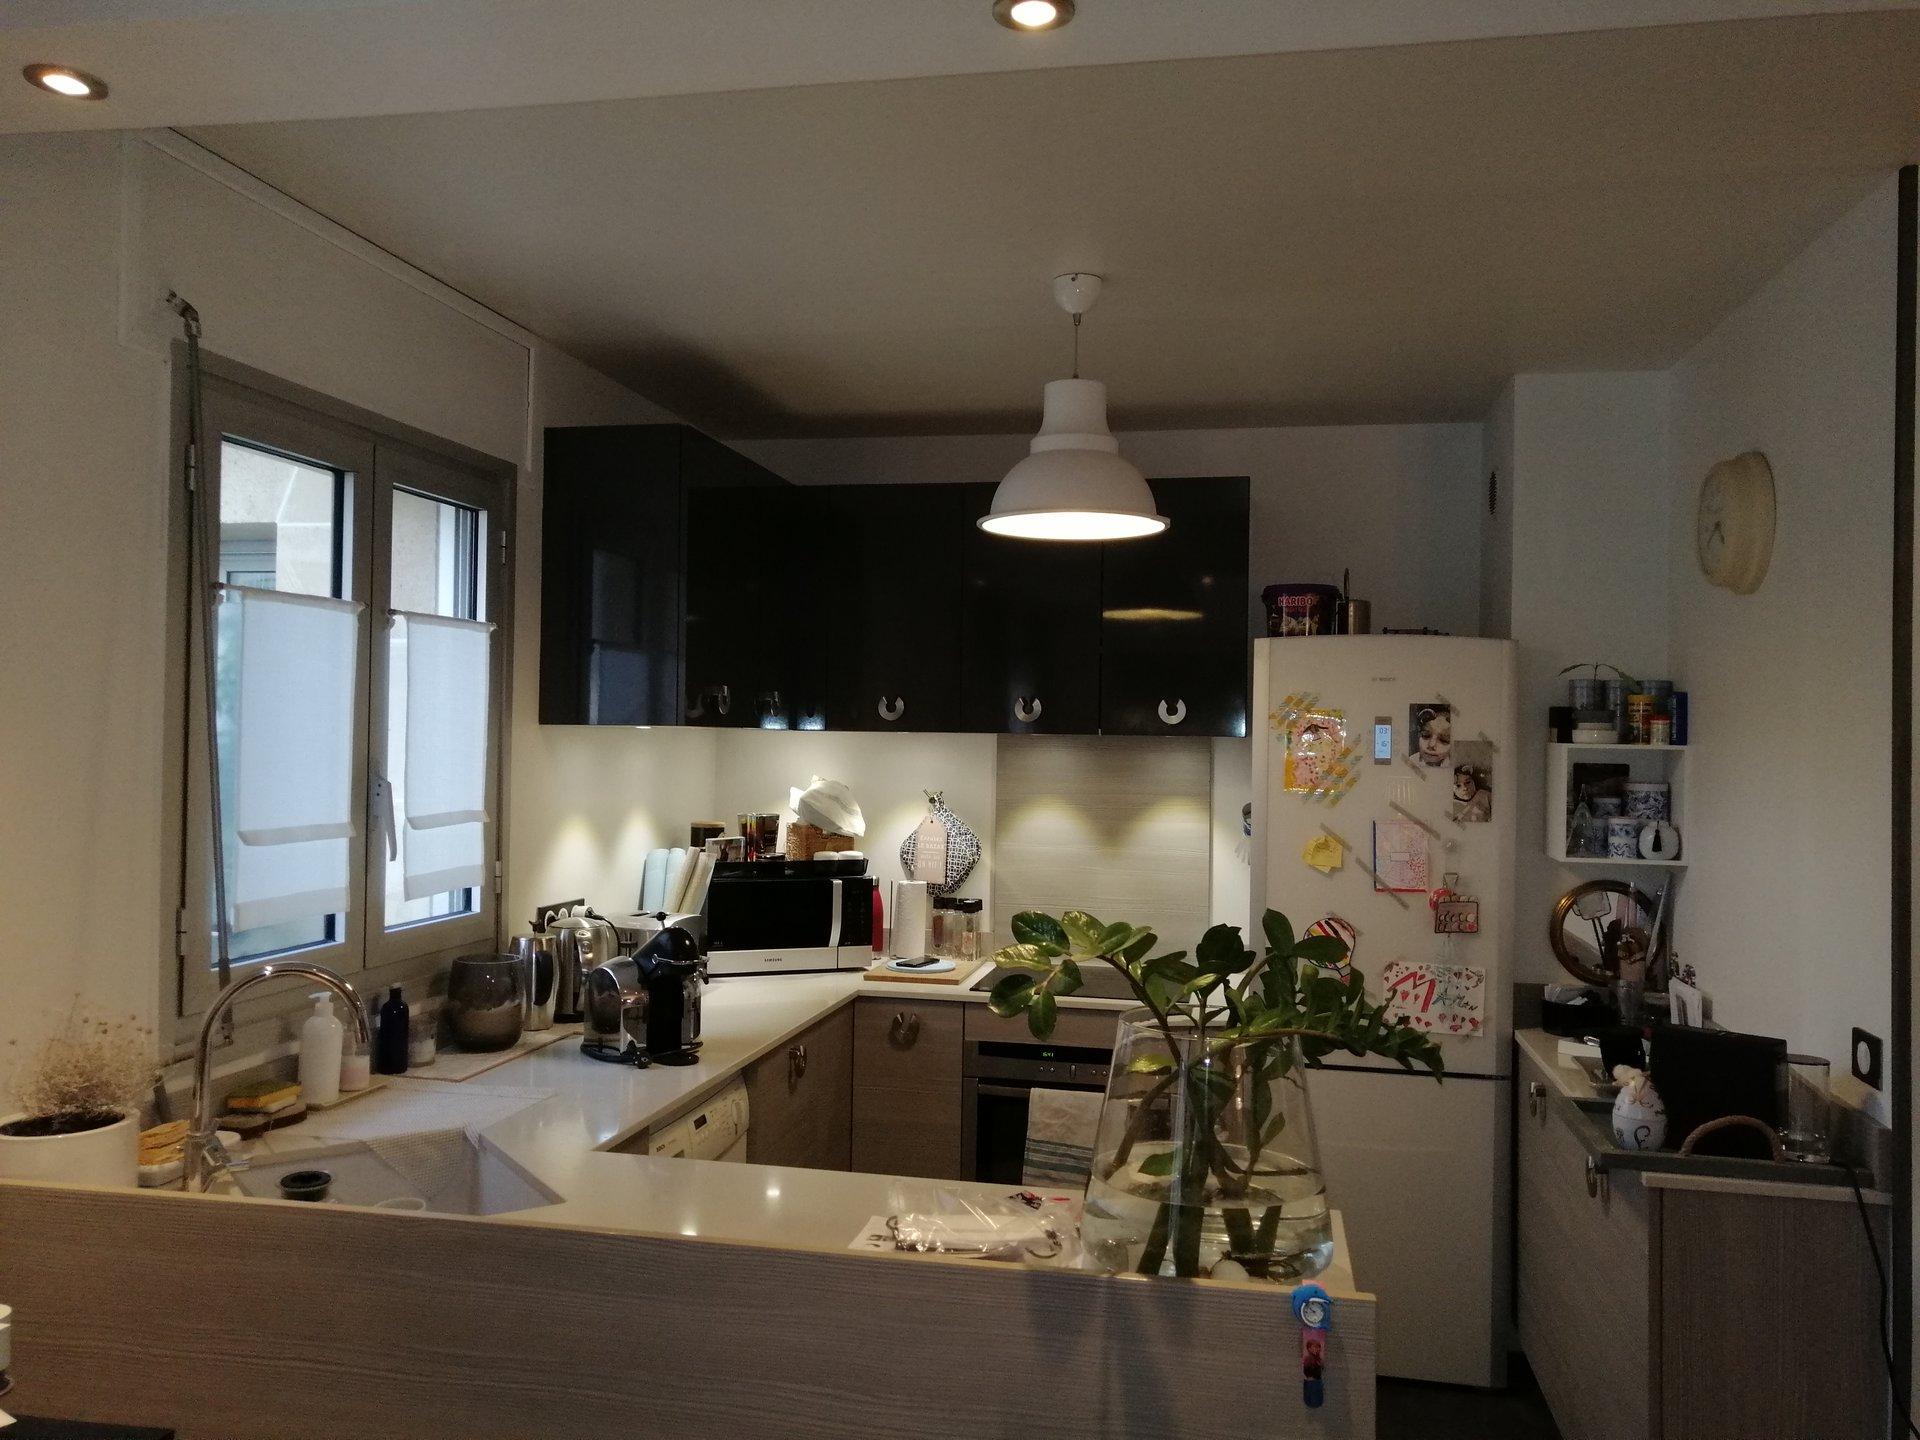 Appartement - Chantilly Bois-Saint-Denis - 292 000 € FAI